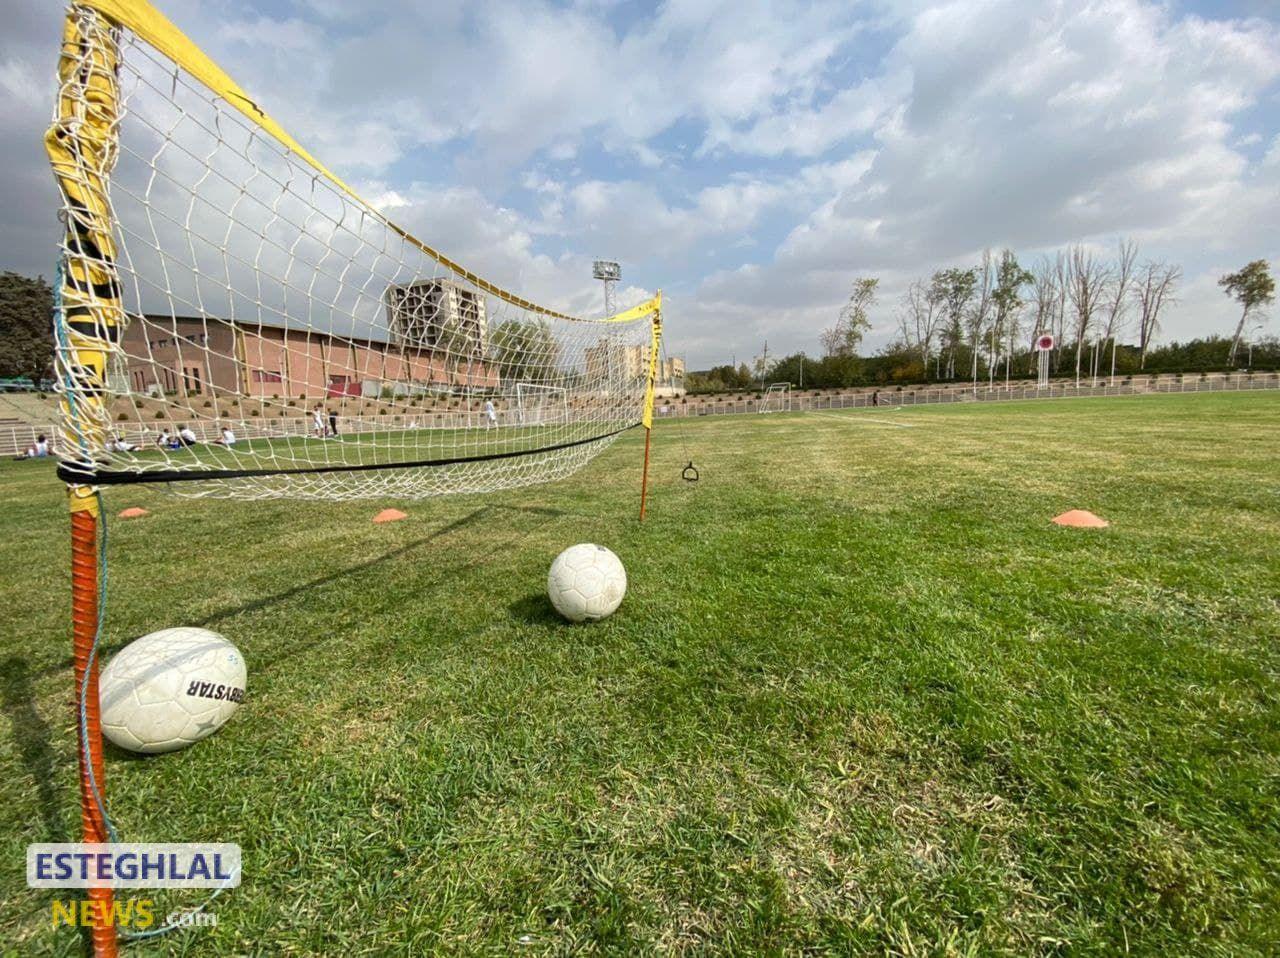 گزارش تمرین پنجشنبه استقلال/ ریکاوری و تنیس فوتبال بازیکنان اصلی؛ فوتبال درون تیمی در نیمه زمین!